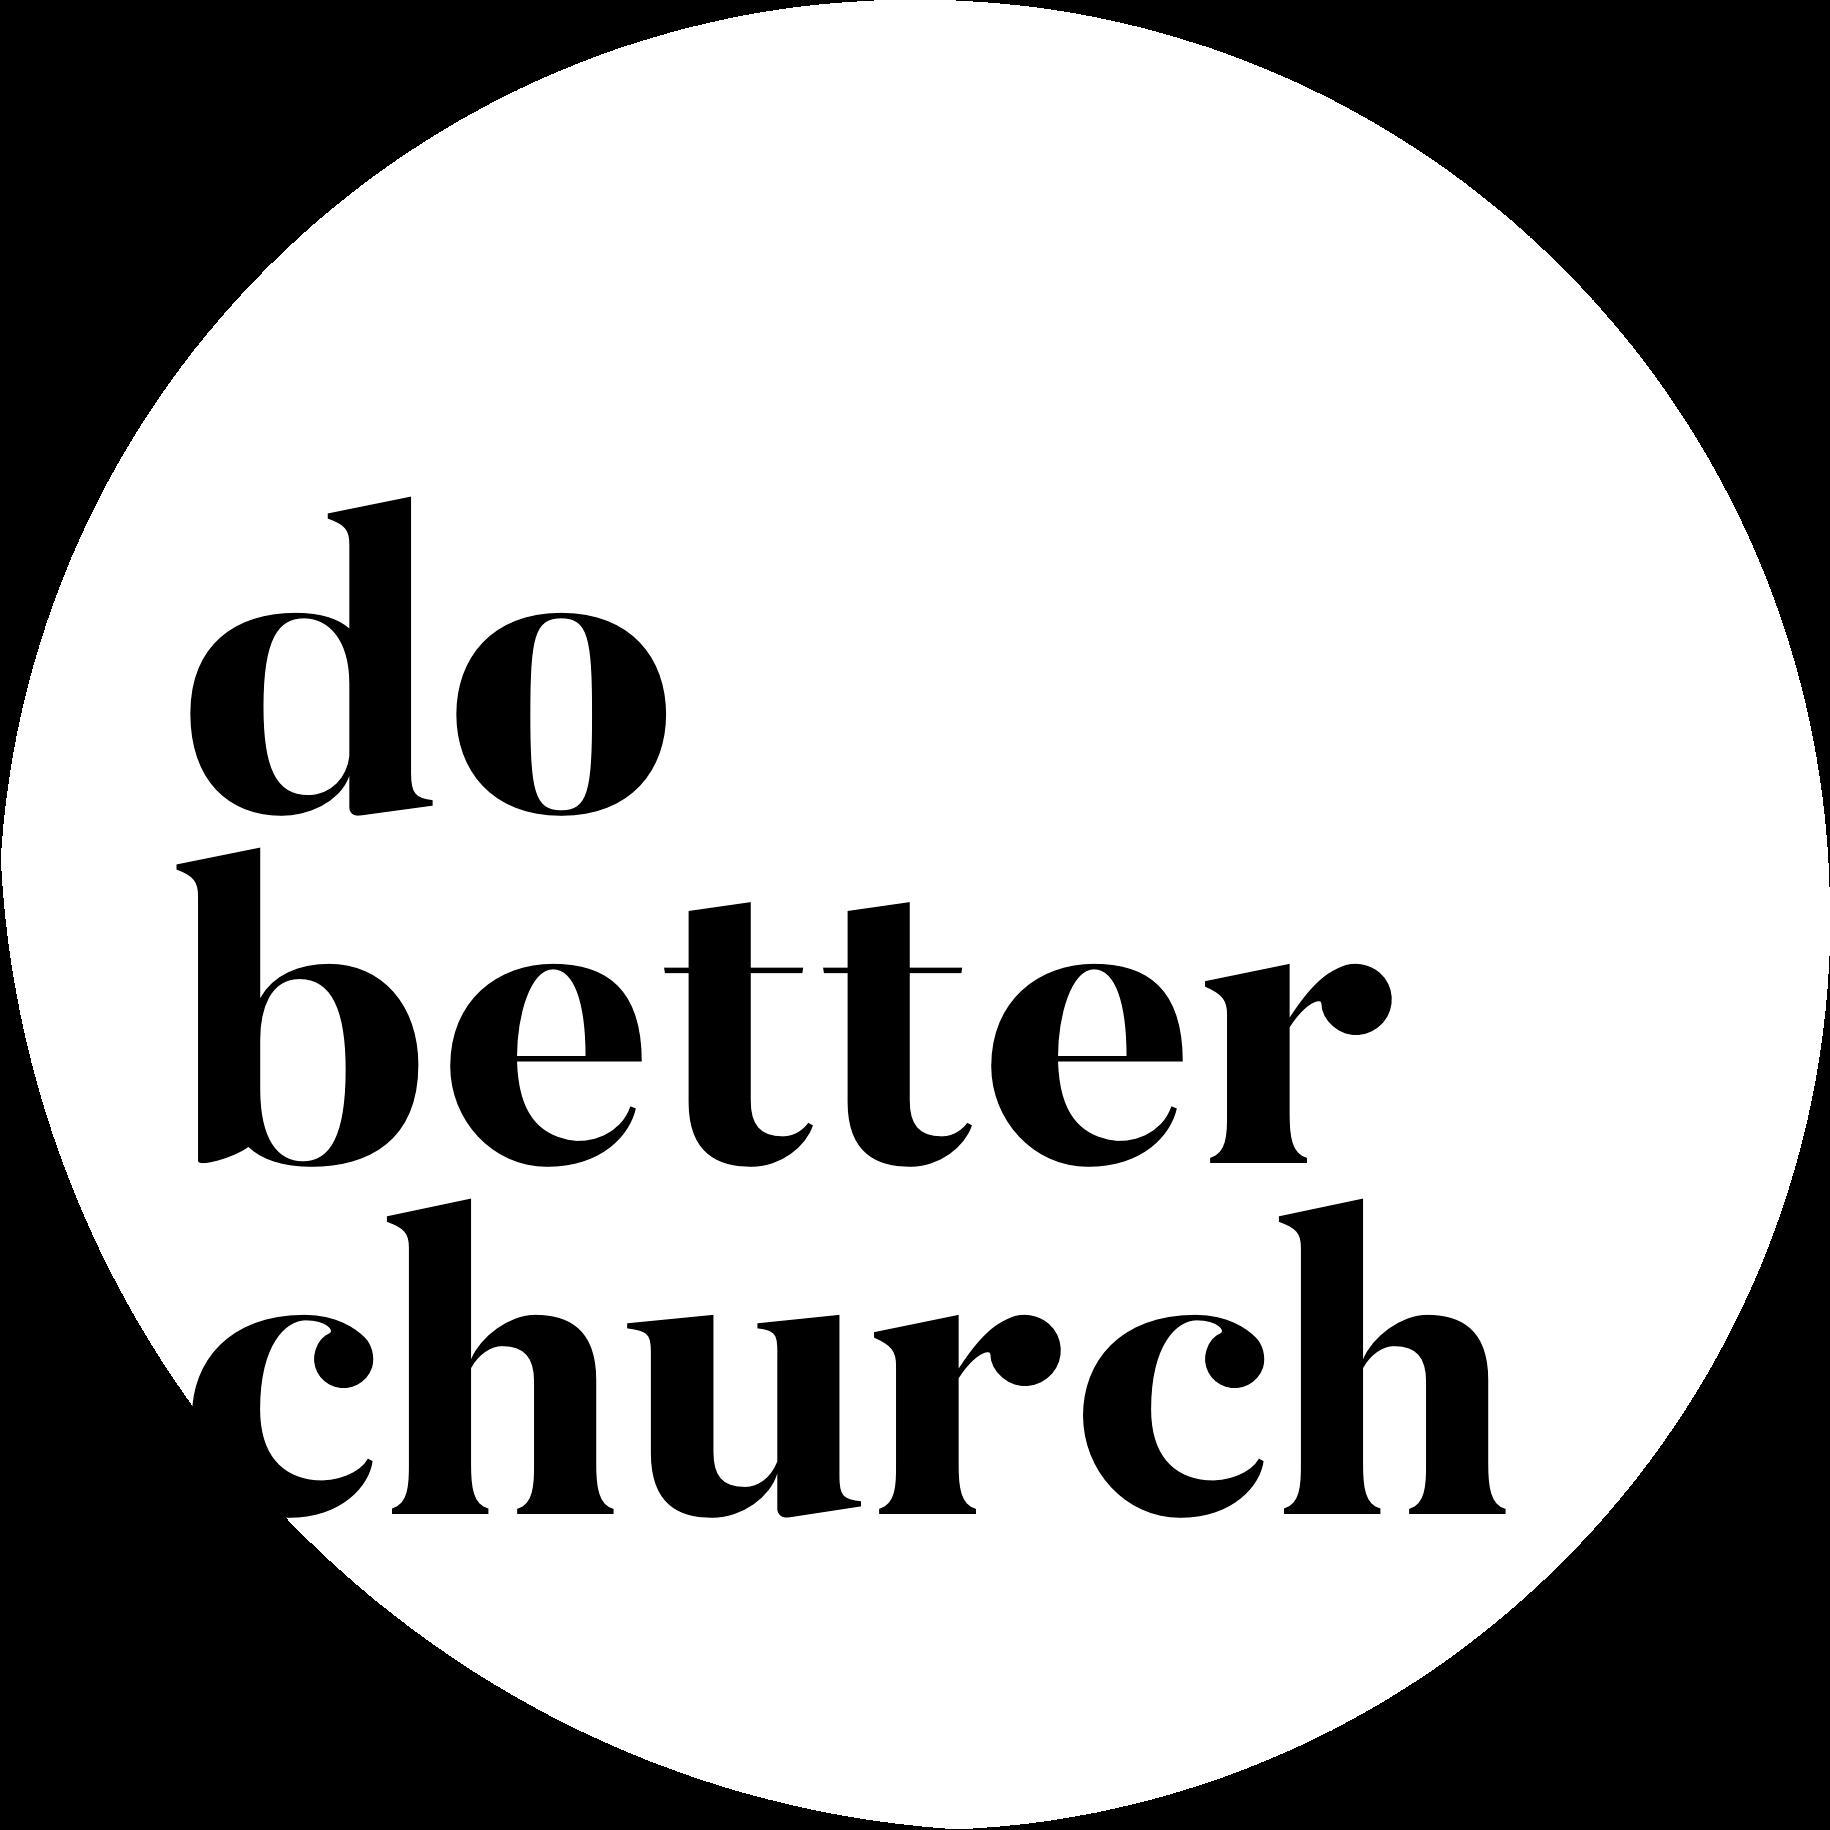 @dobetterchurch Profile Image | Linktree